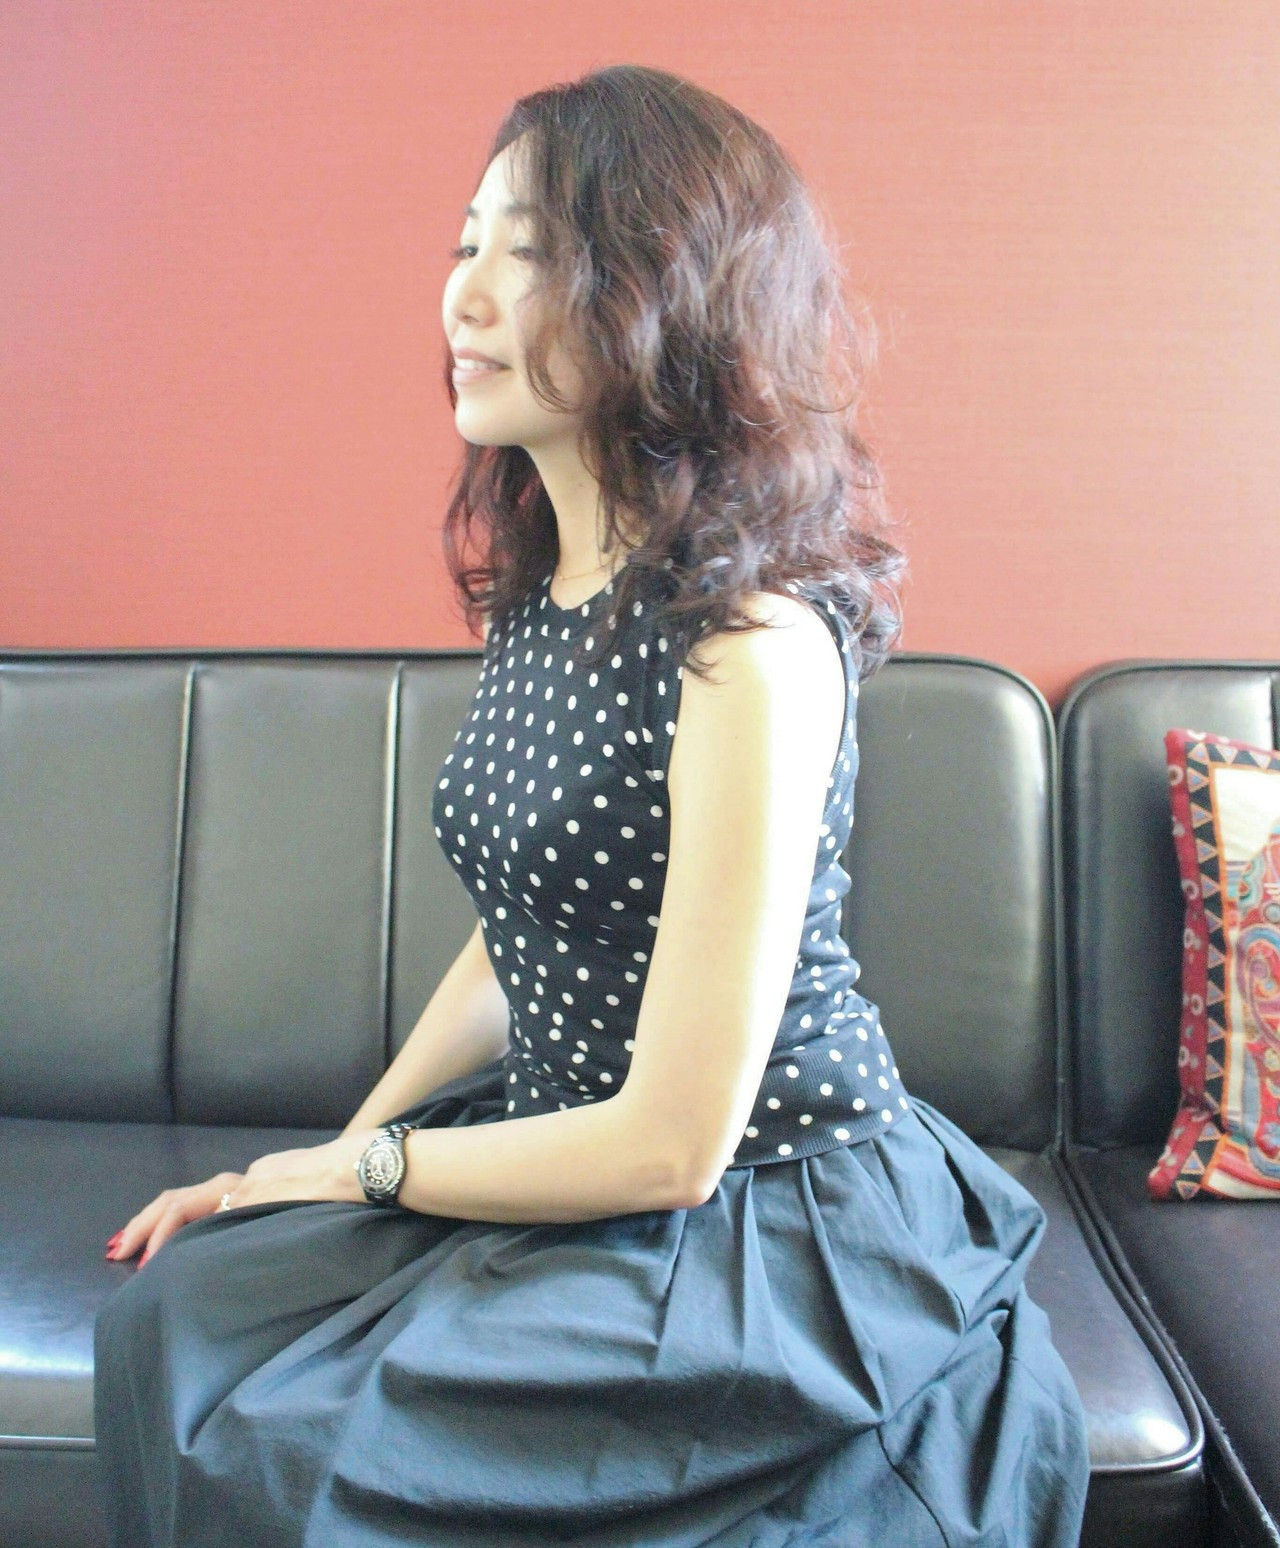 アンニュイほつれヘア ミディアム おフェロ デジタルパーマ ヘアスタイルや髪型の写真・画像